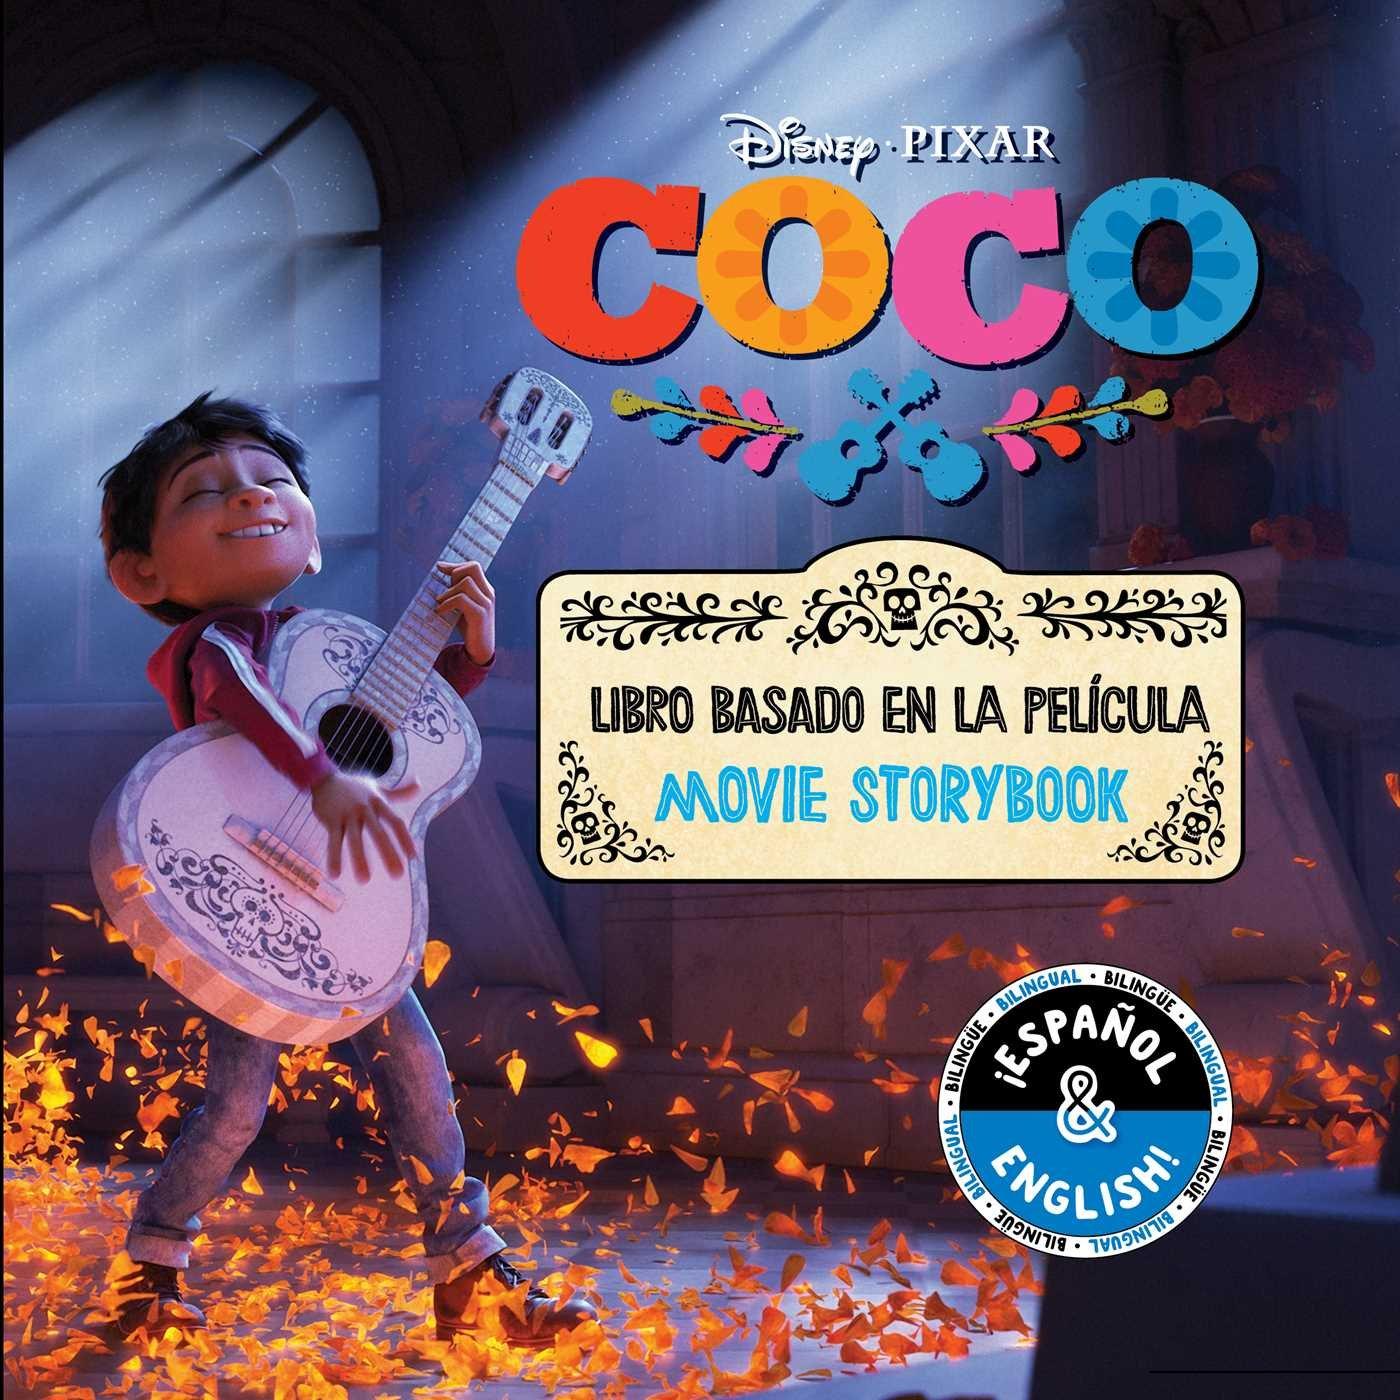 Disney/Pixar Coco: Movie Storybook/Libro Basado en la Película ...